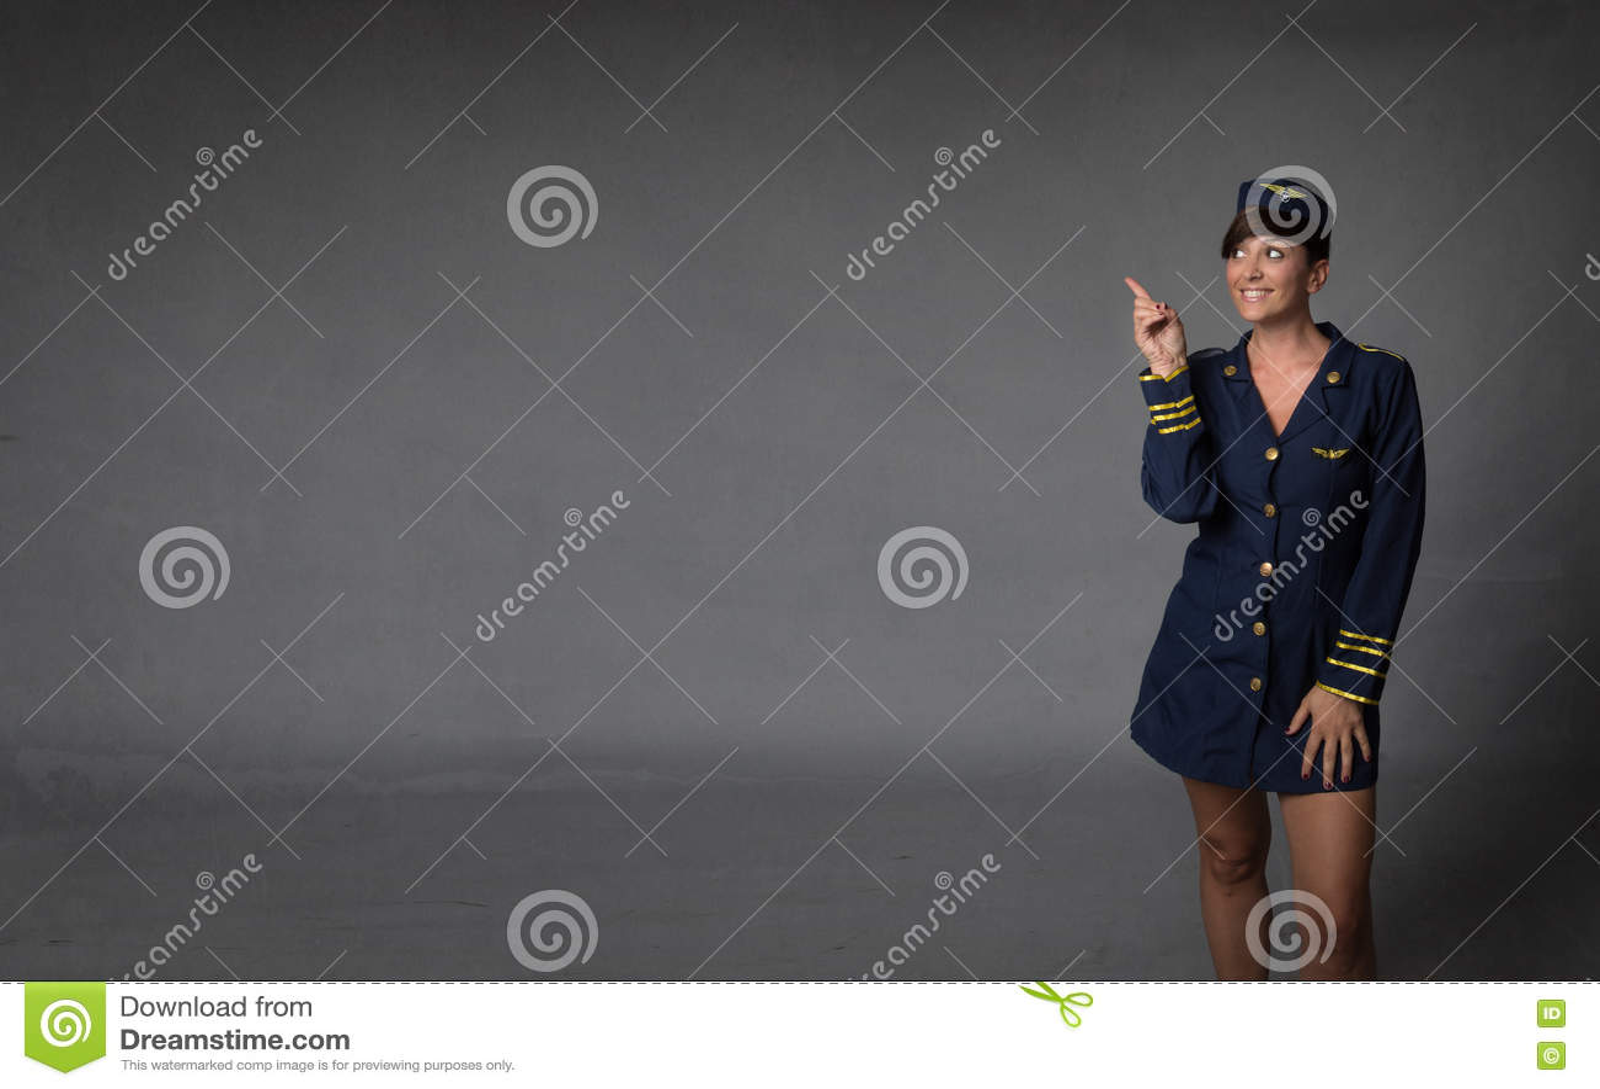 Αεροσυνοδός που υποδεικνύεται με το δάχτυλο